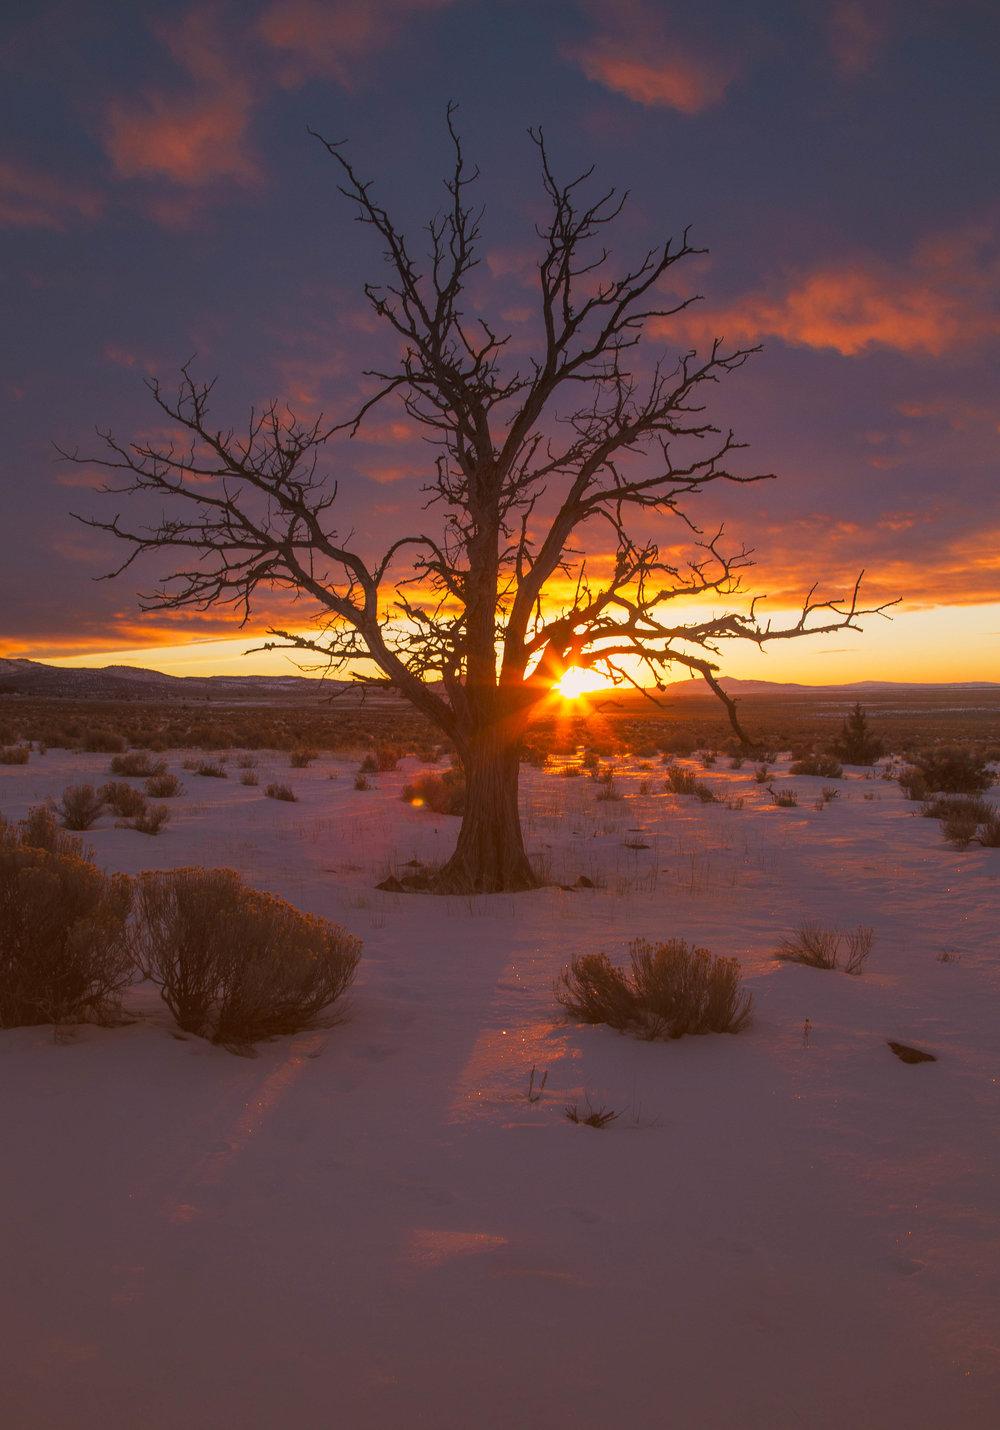 Tree in snow.jpg